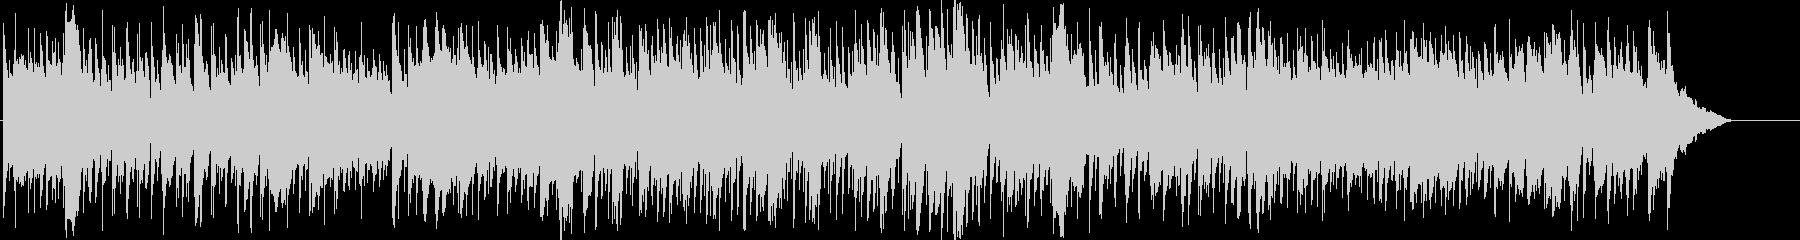 クラシックをアレンジしたスローフォックスの未再生の波形